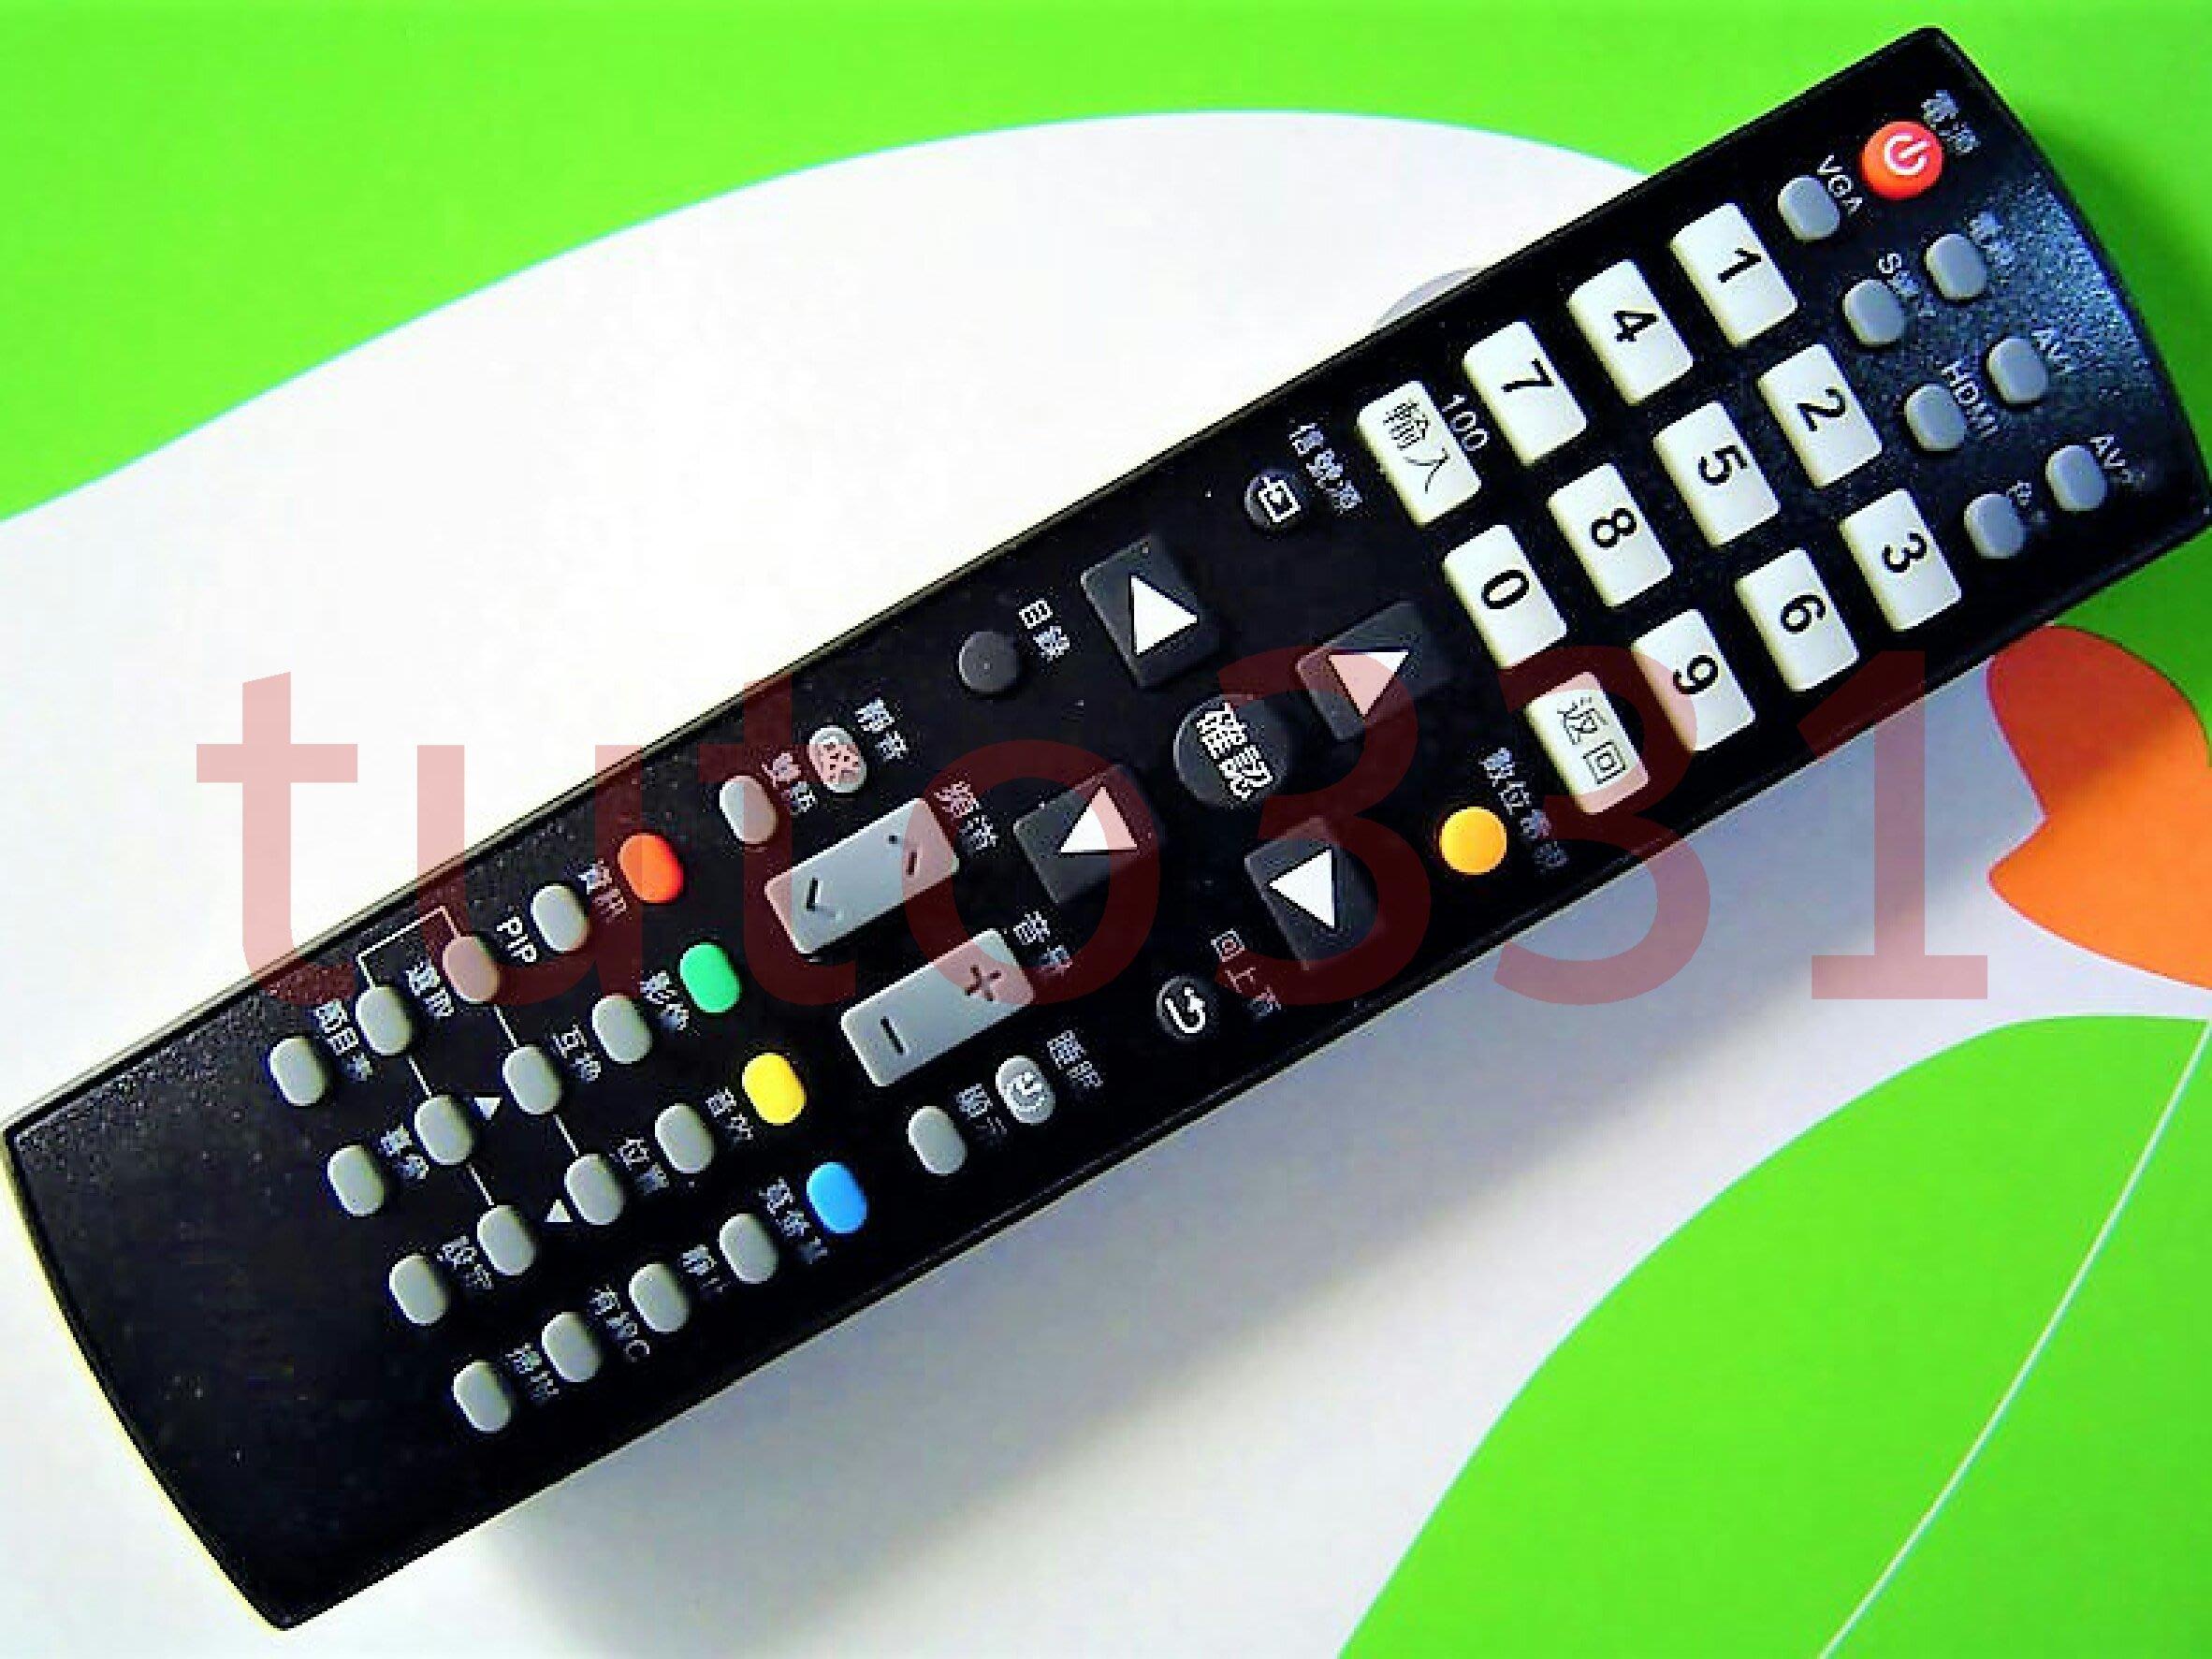 飛利浦液晶電視遙控器 24PFH4200 32PHH5210 39PHH5281 43PFH5800 55PFH5250